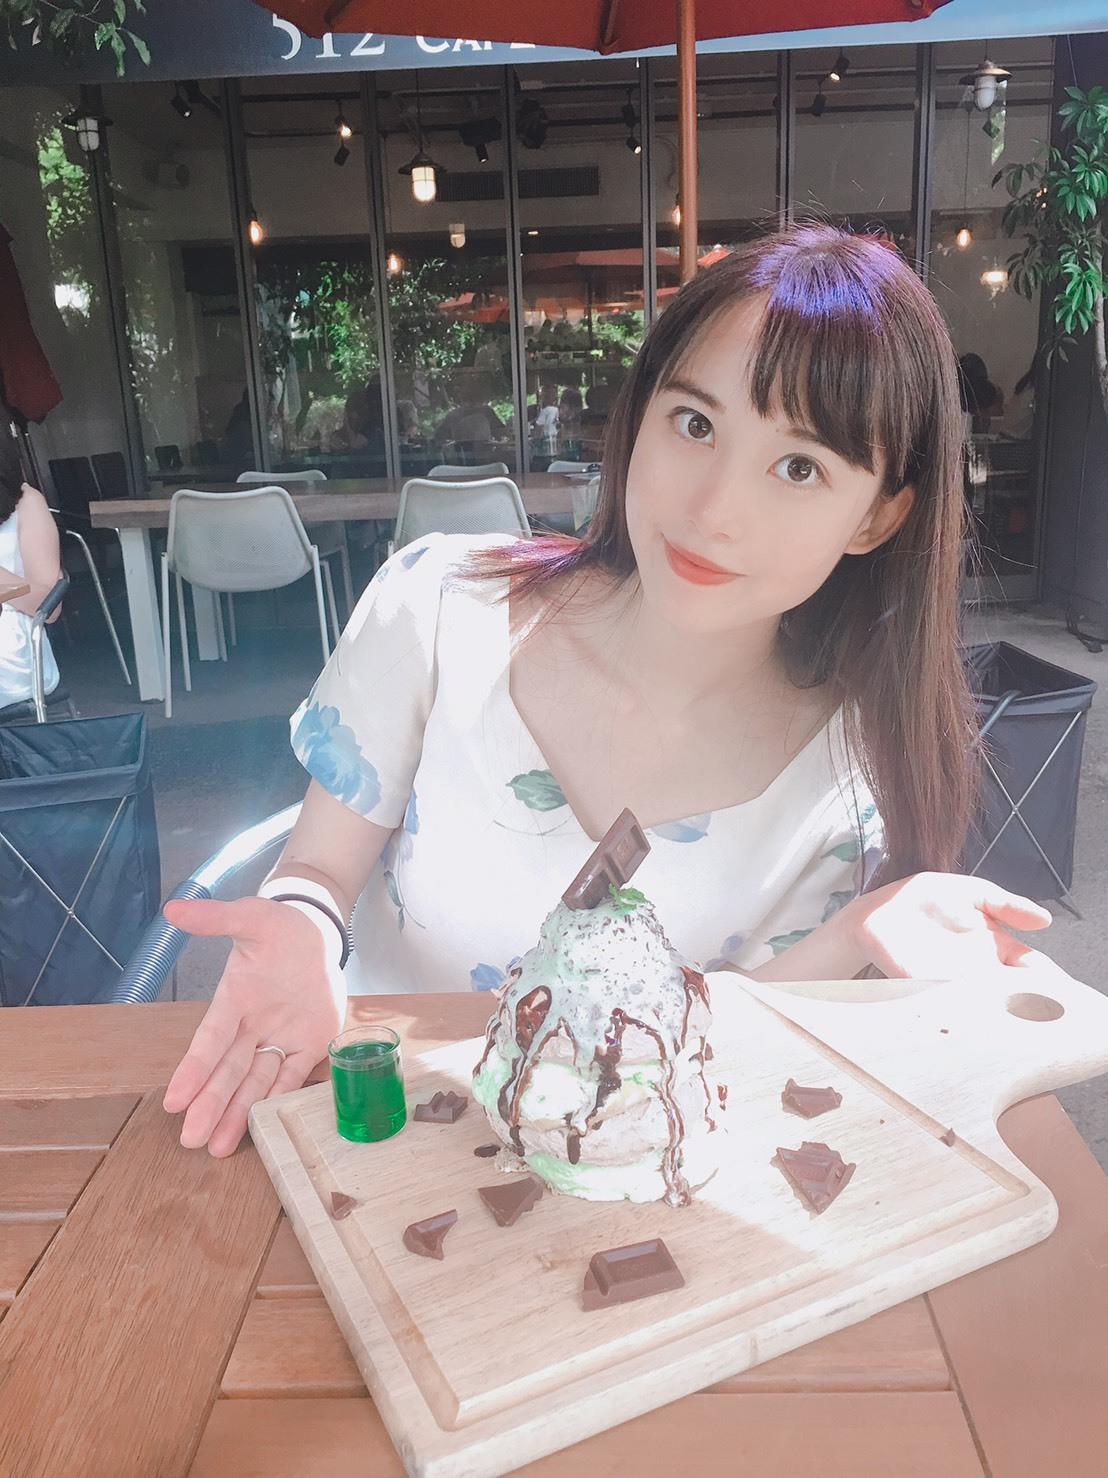 映えパンケーキがたくさん♡乃木坂512cafe&grill_1_1